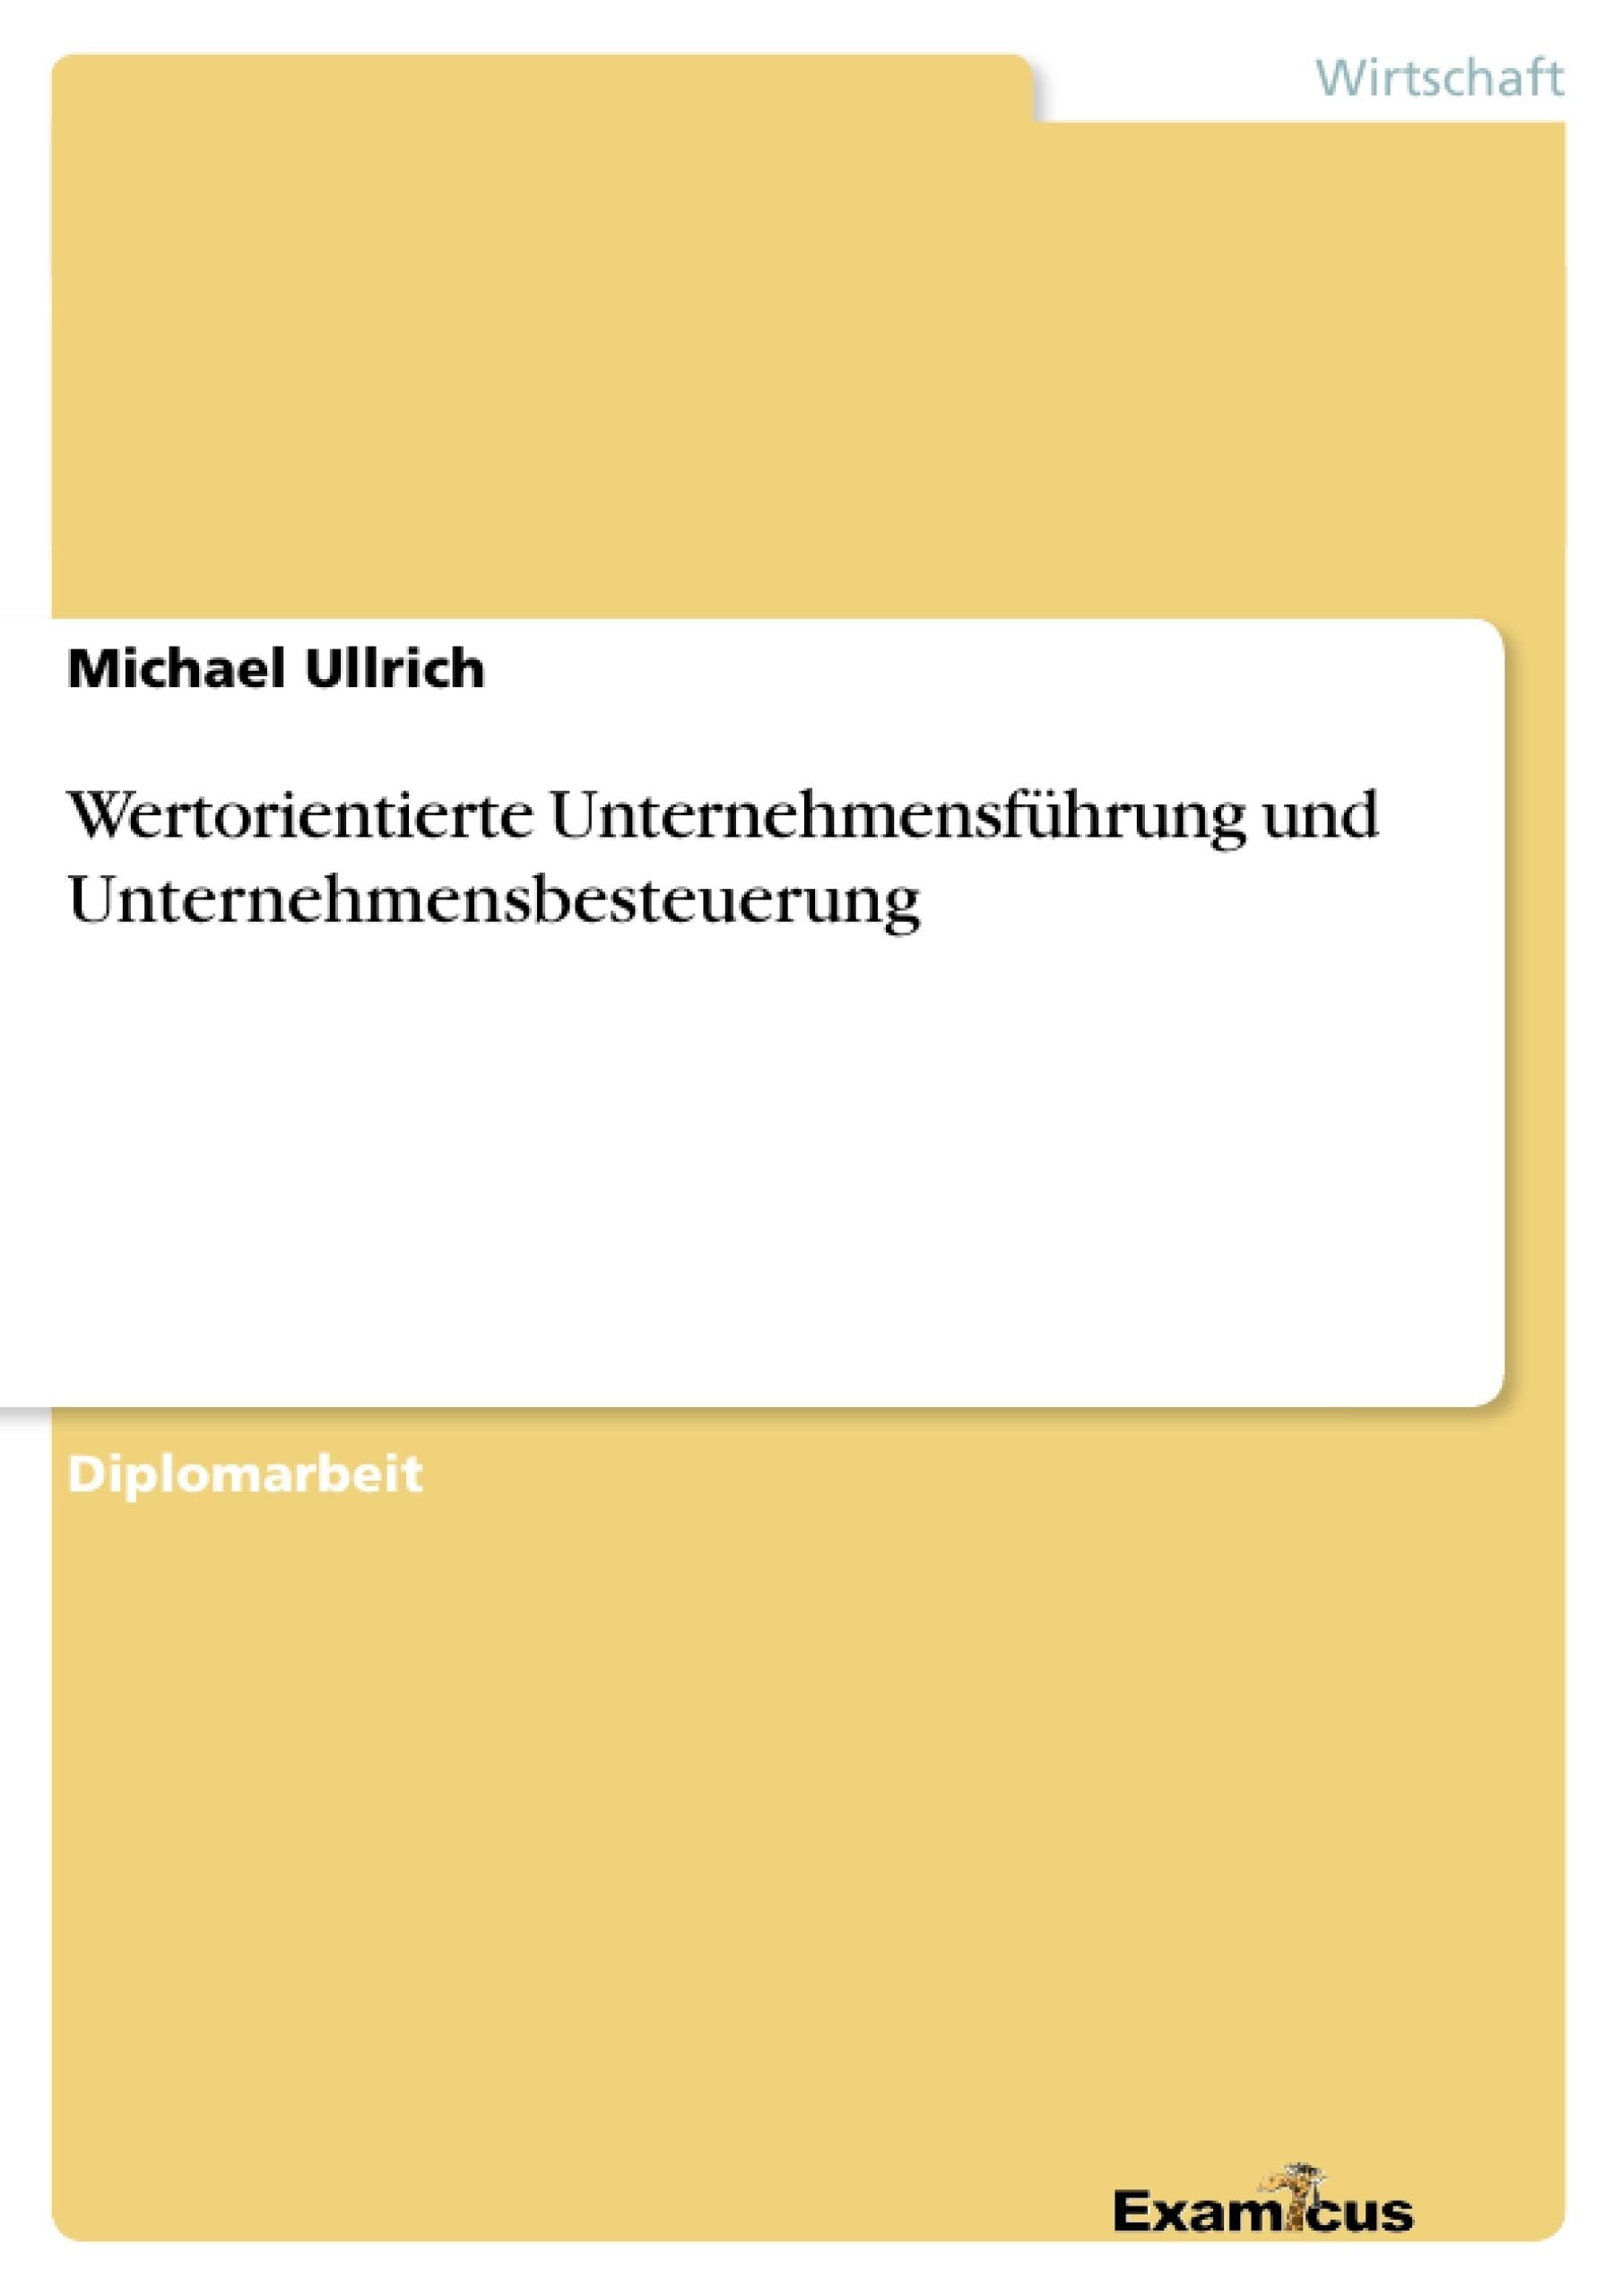 Titel: Wertorientierte Unternehmensführung und Unternehmensbesteuerung